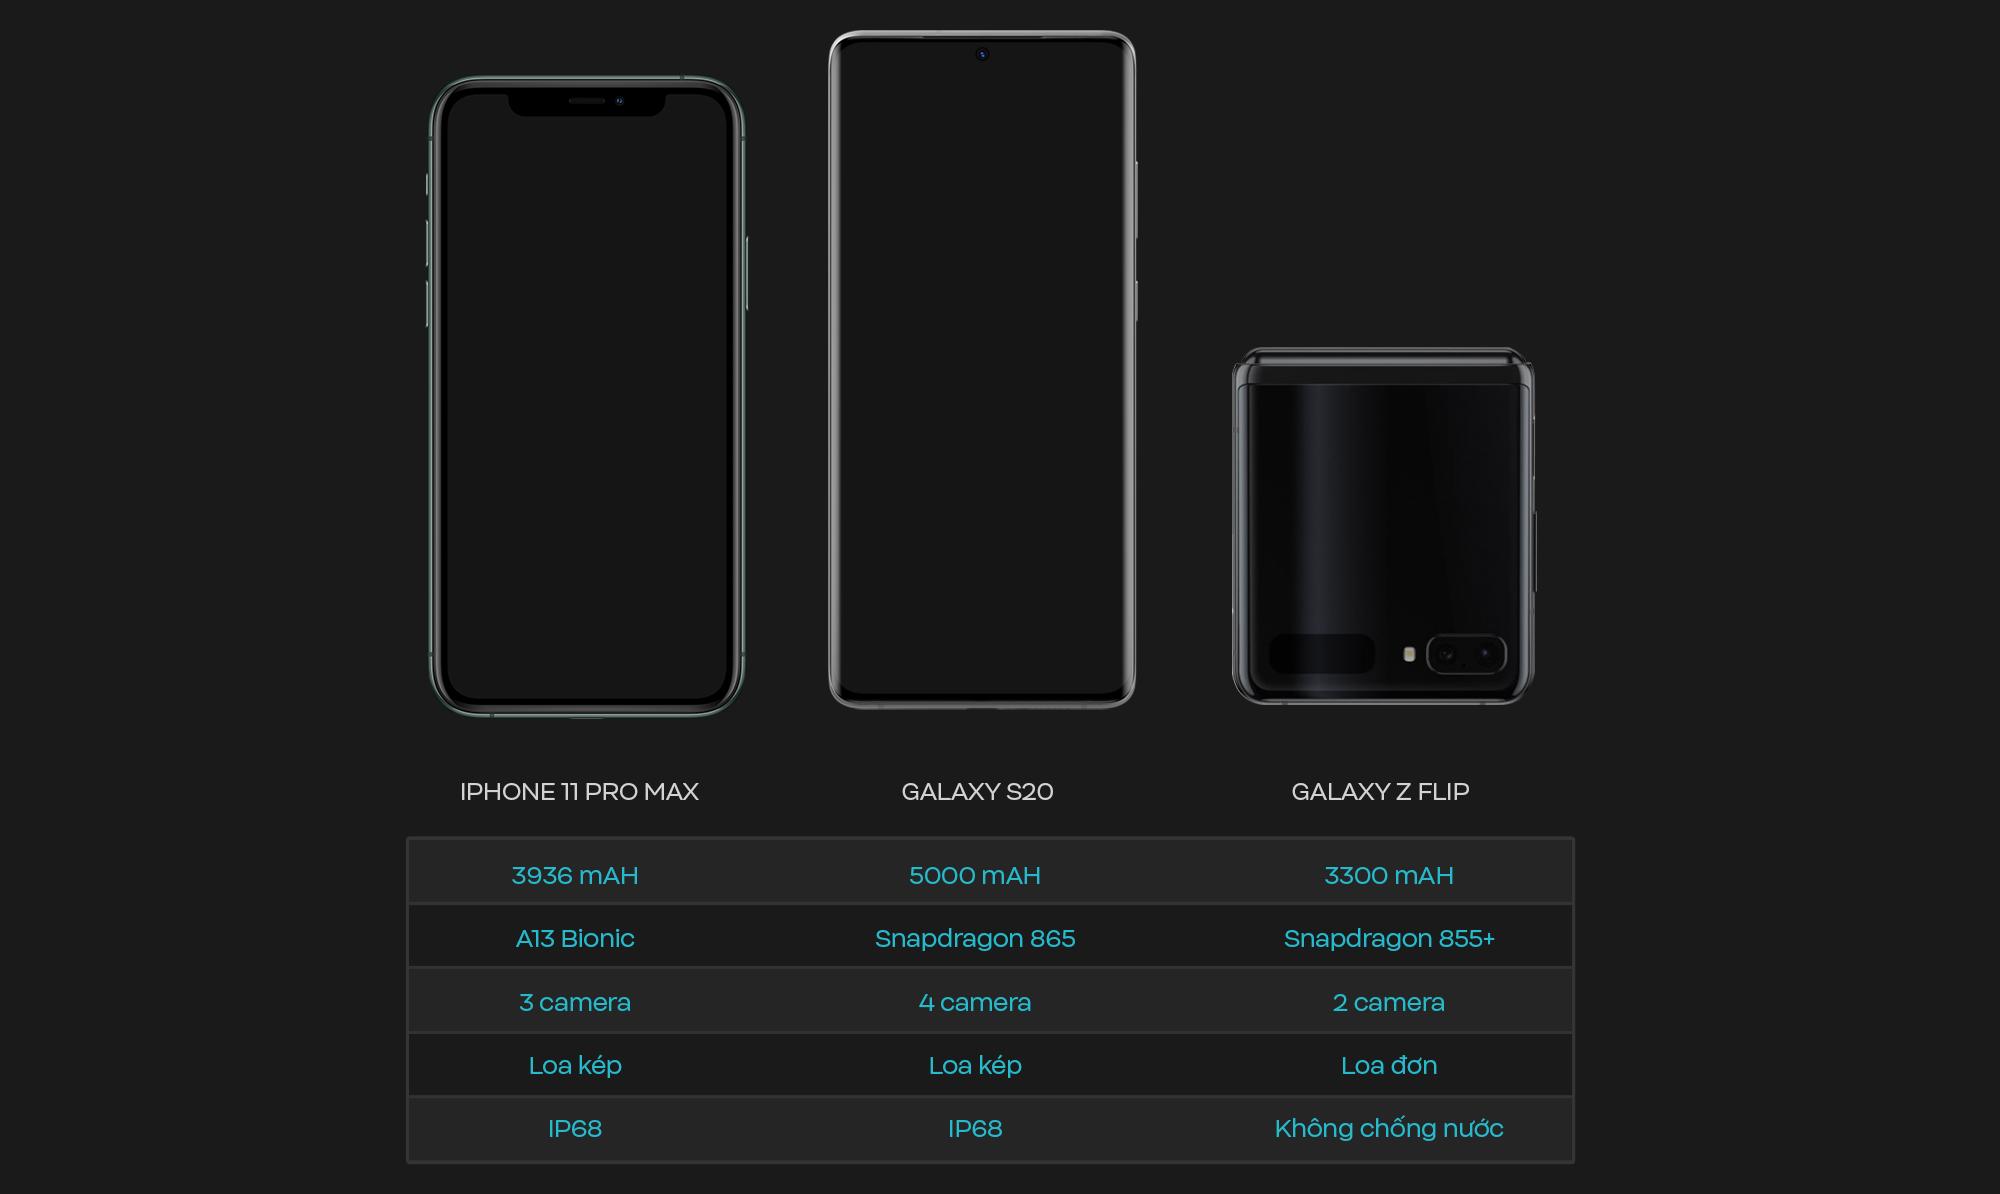 Đánh giá Galaxy Z Flip: Chiếc smartphone ấn tượng không dành cho đàn ông - Ảnh 6.